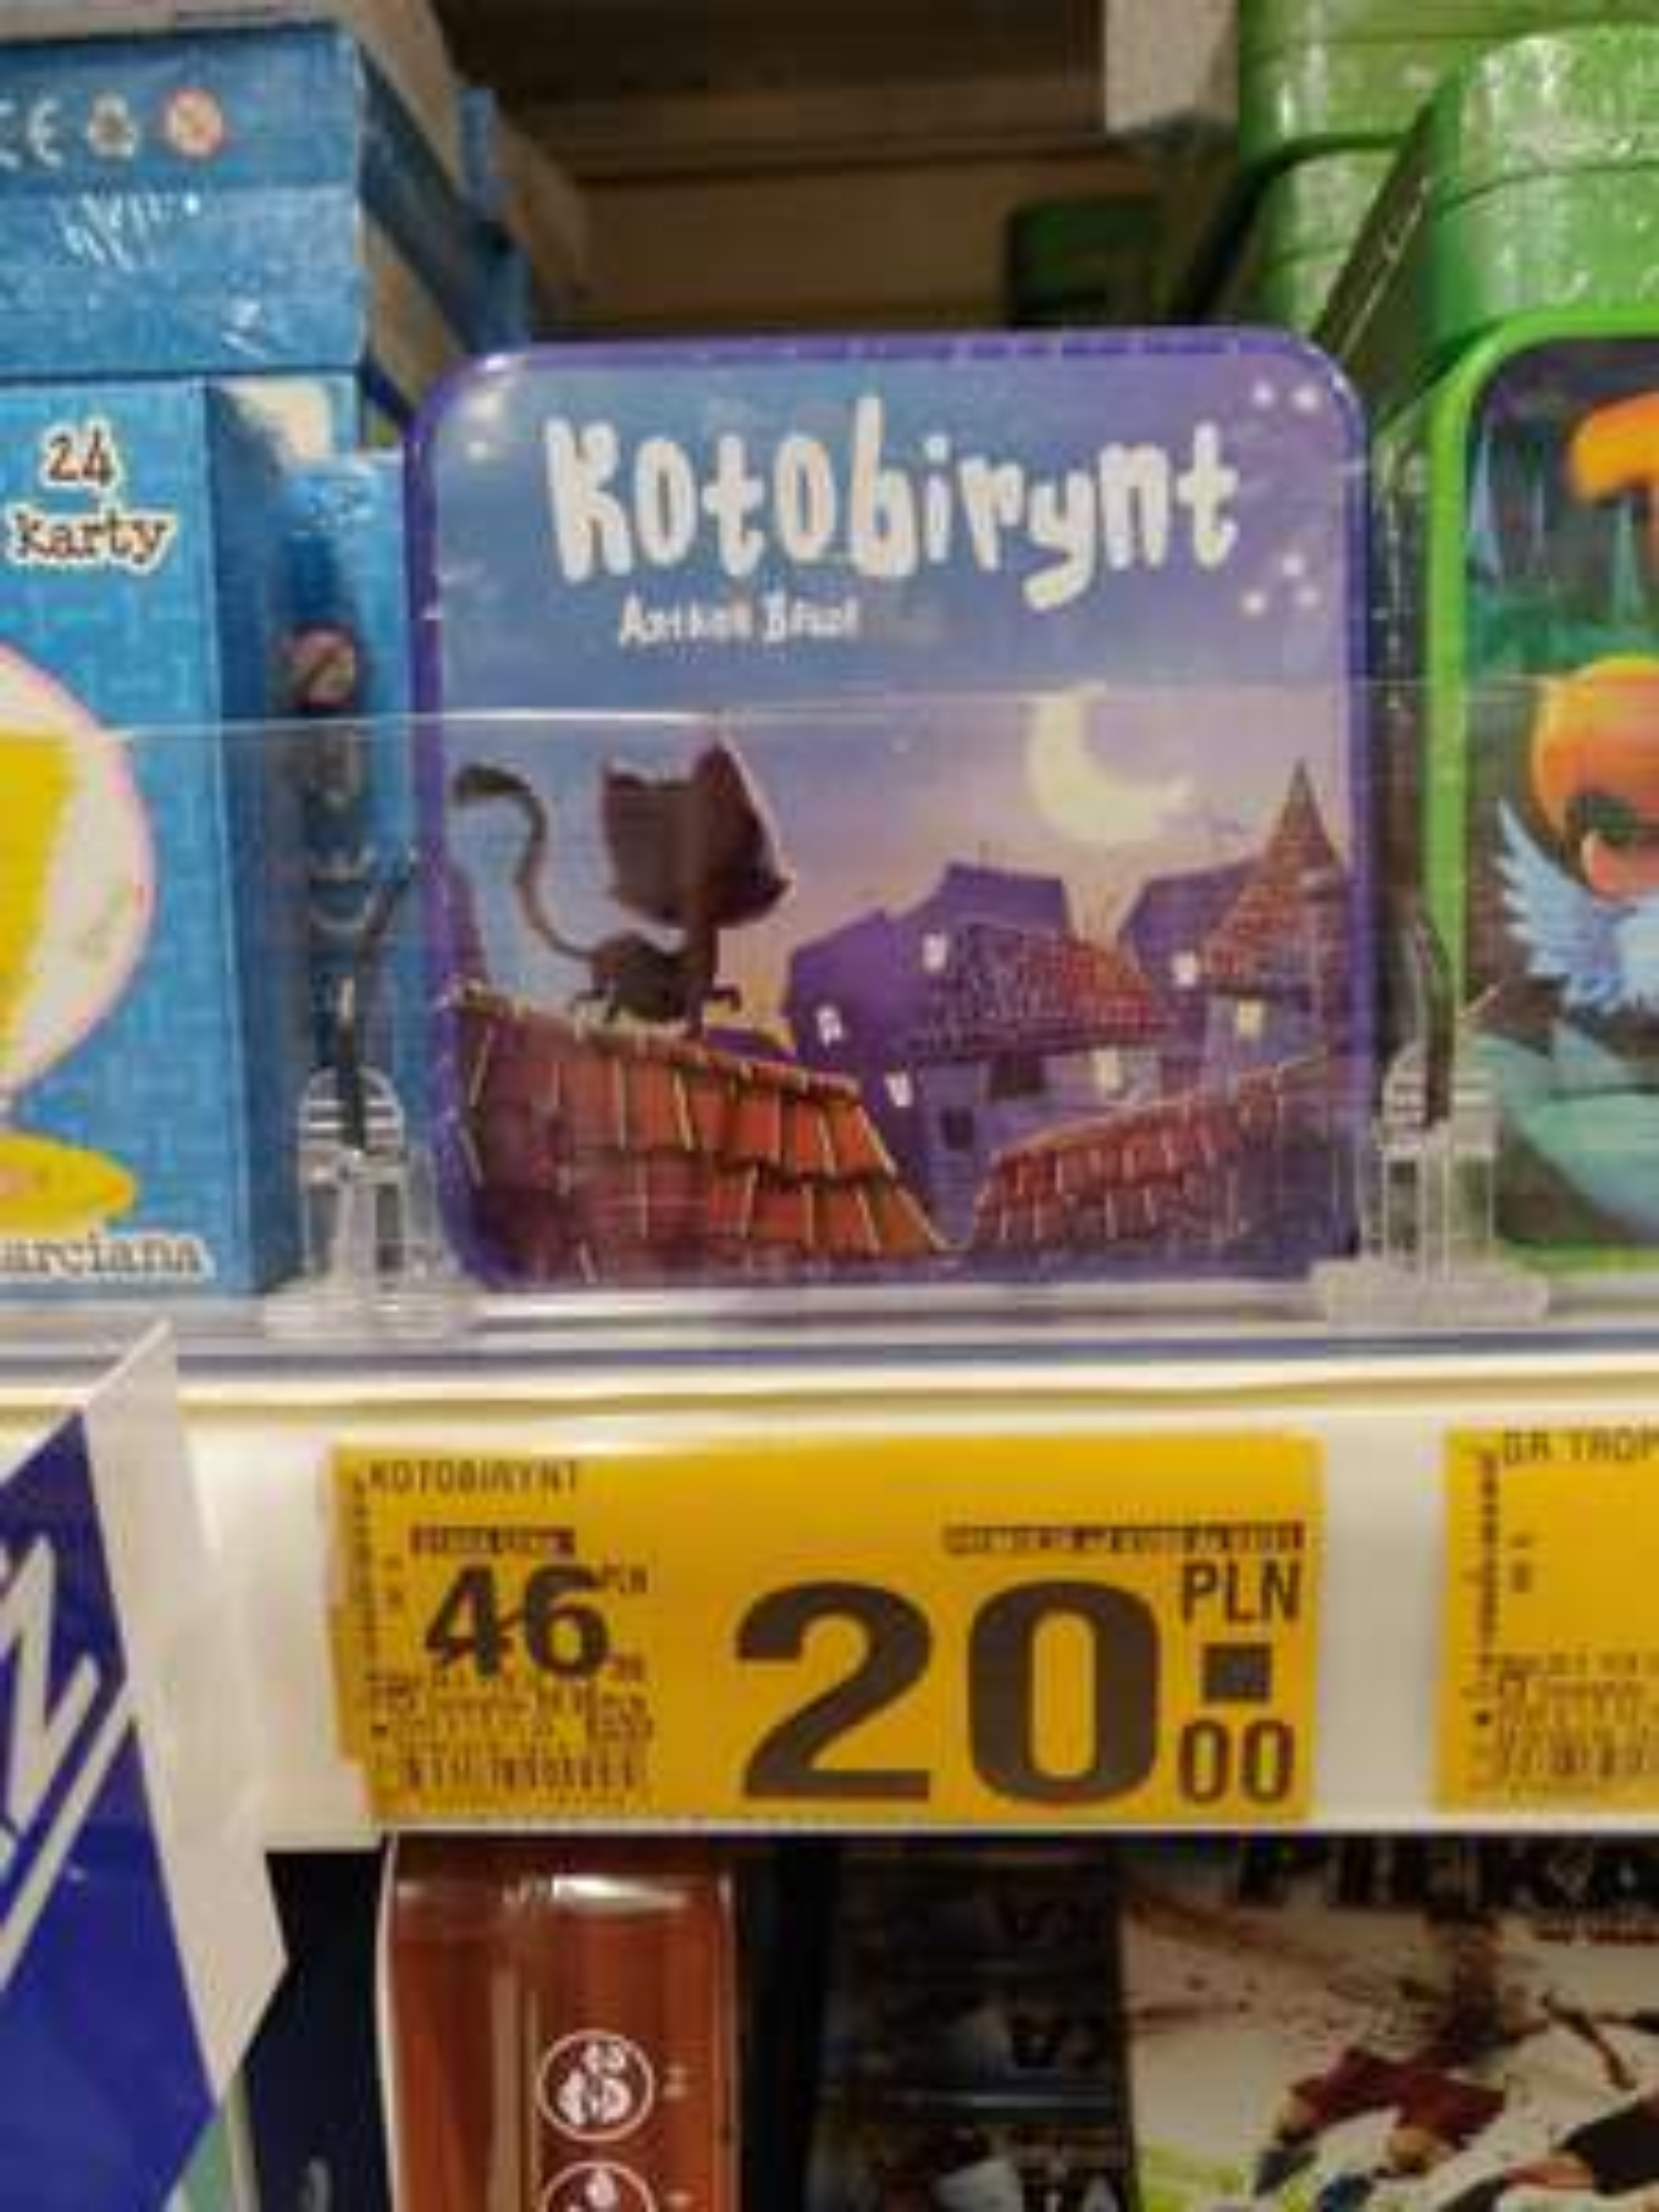 Gra kotobirynt w Auchan ch Galaxy Szczecin - w kasie pokazuje 10zl